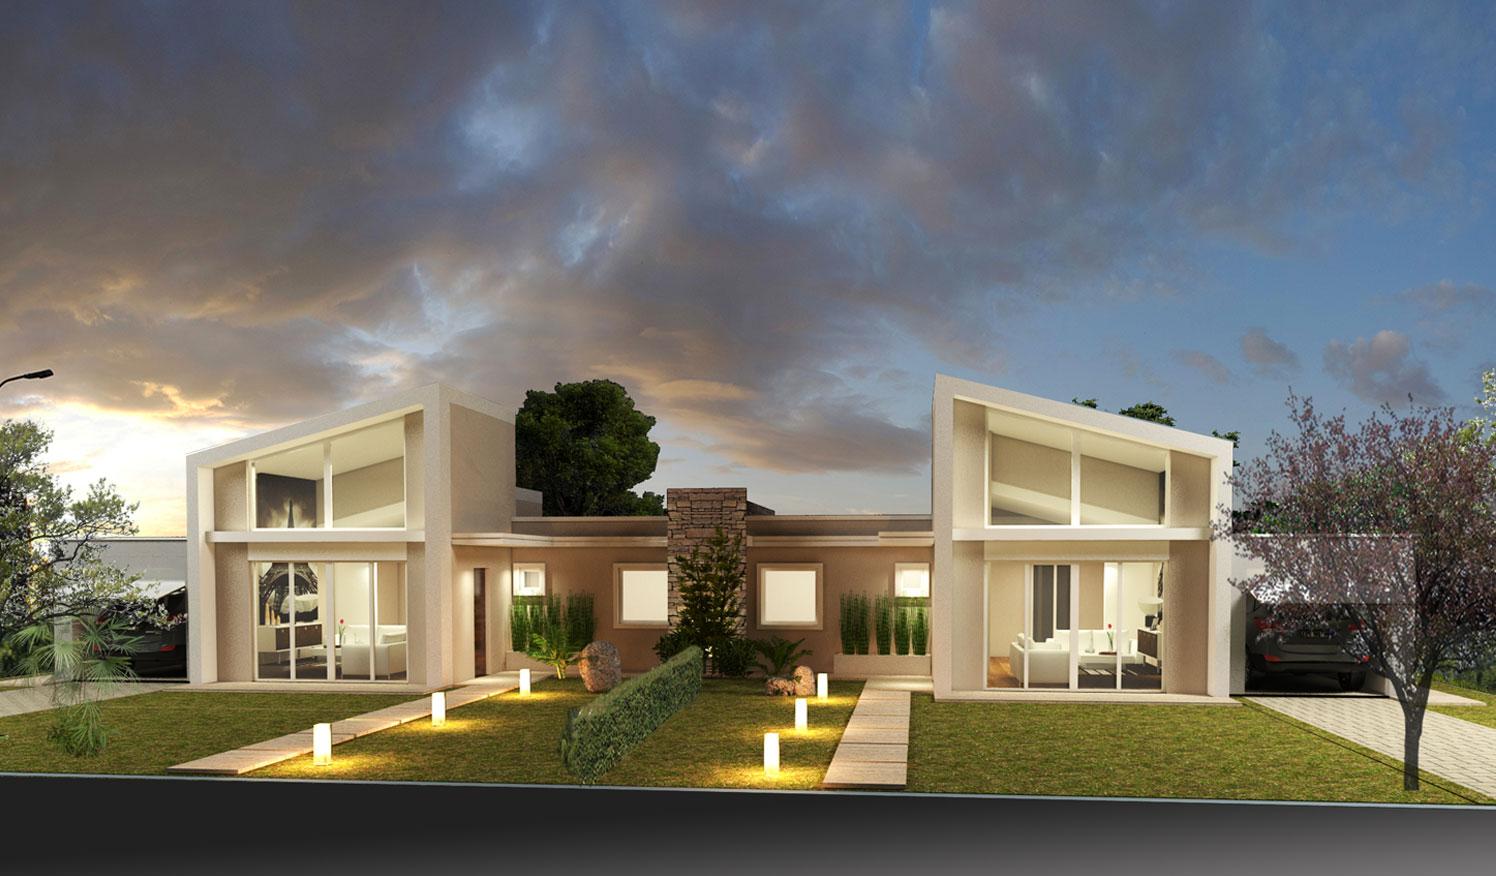 case in vendita a Grosseto bi familiare-frontale